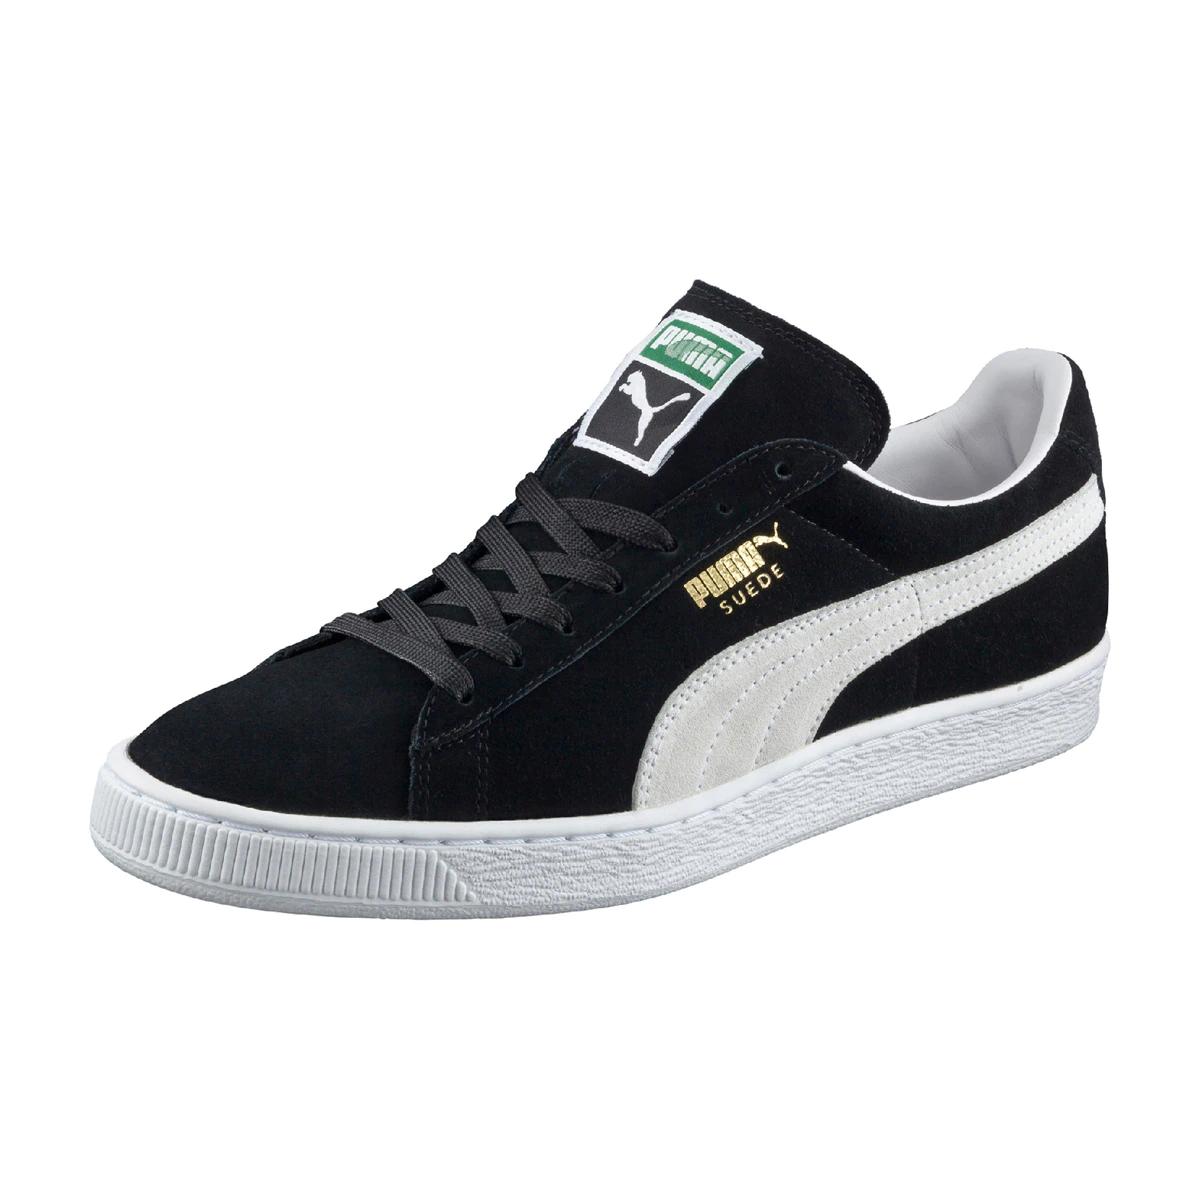 Zapatillas casual de hombre Suede Classic Puma